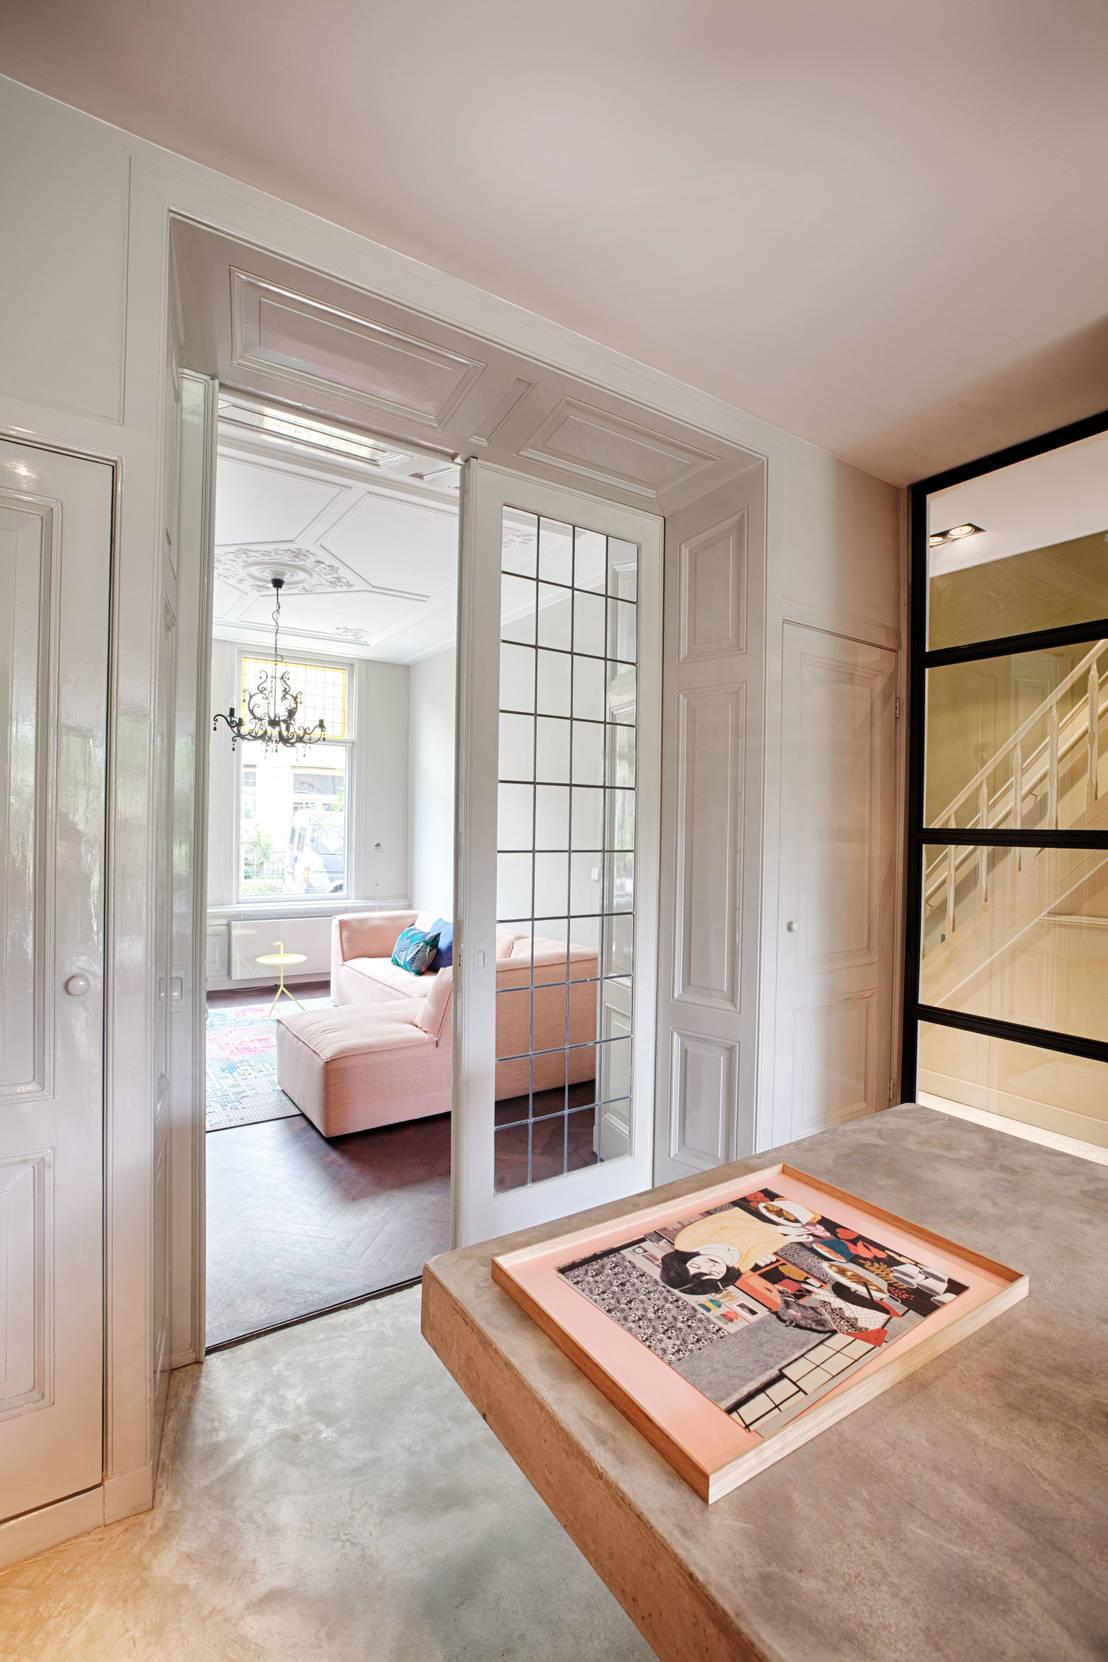 Glazen schuifdeuren transparant woonplezier for Interieur van eigentijds huis foto